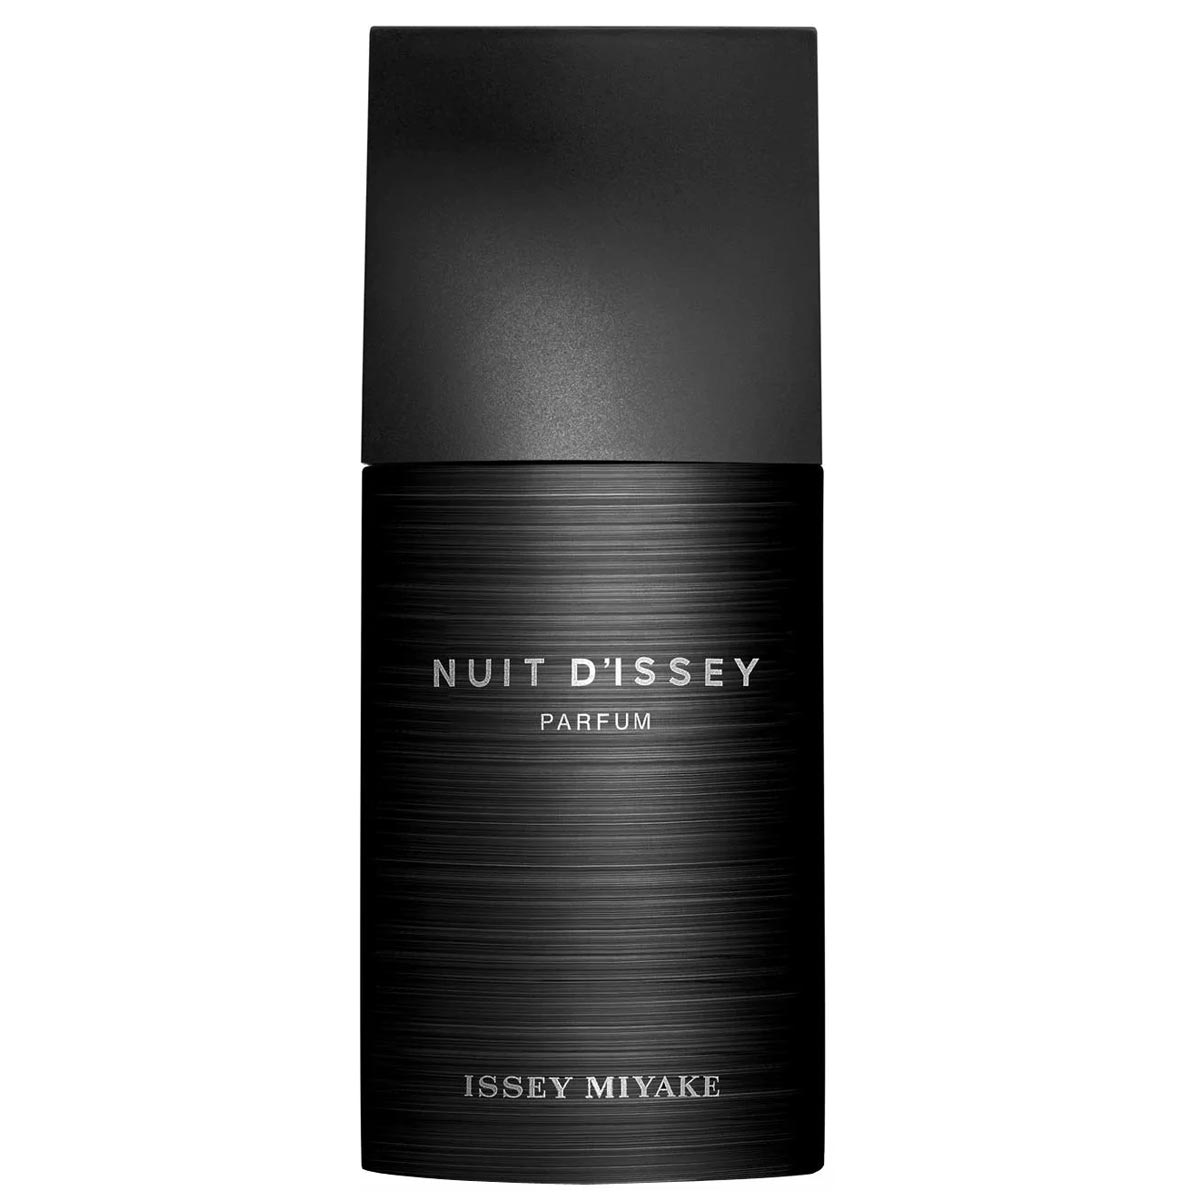 Eau de Parfum Nuit d'Issey - Homme - ISSEY MIYAKE